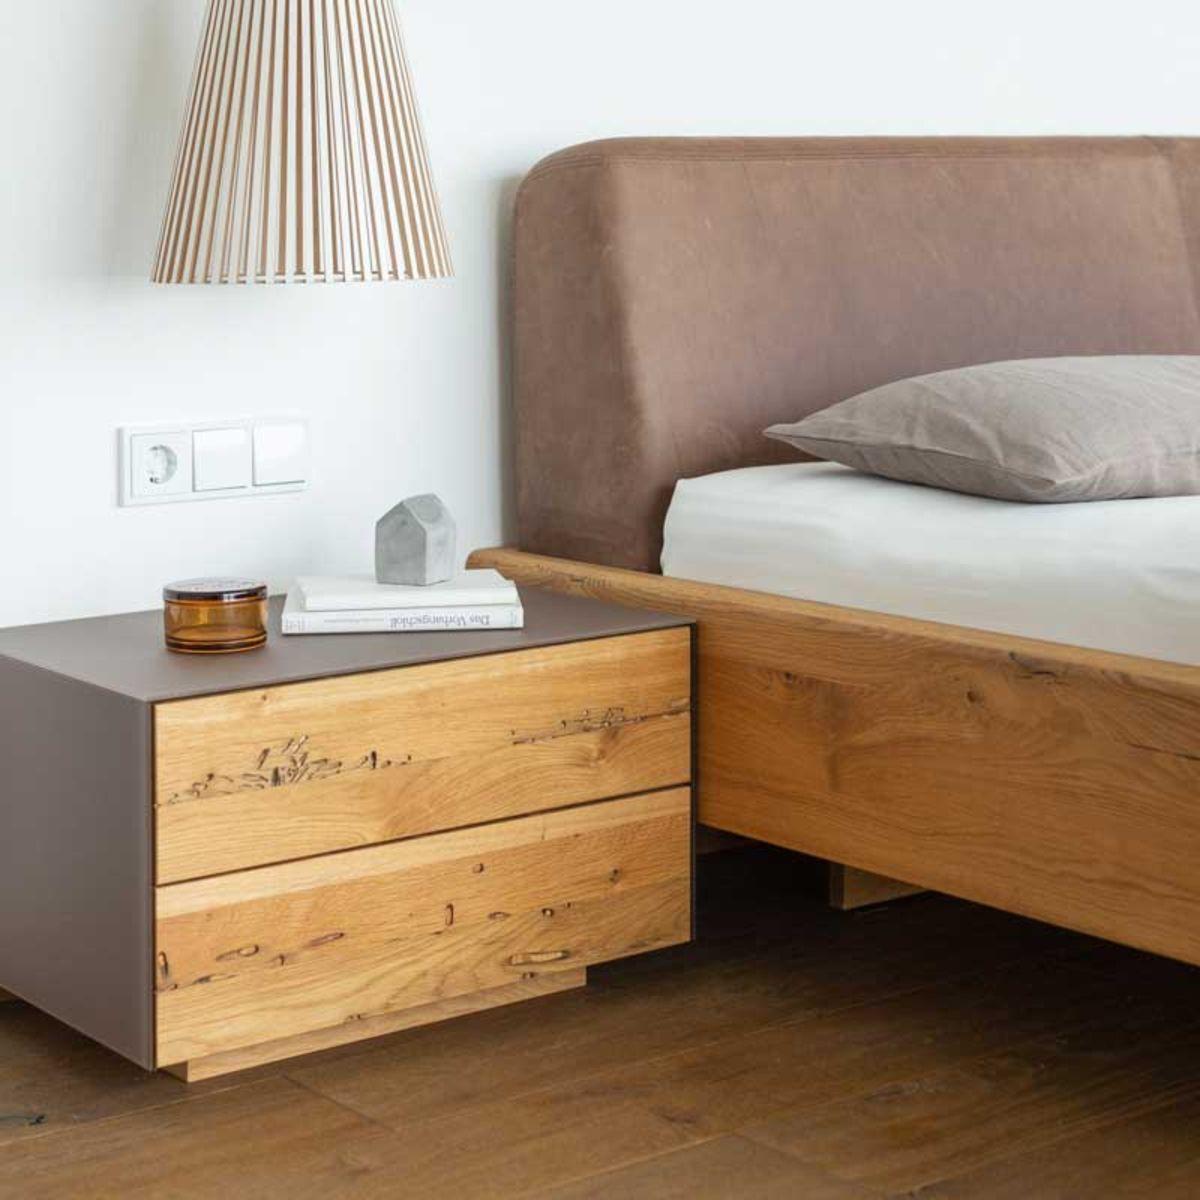 nox Bett mit cubus pure Nachtkästchen von TEAM 7 Stuttgart